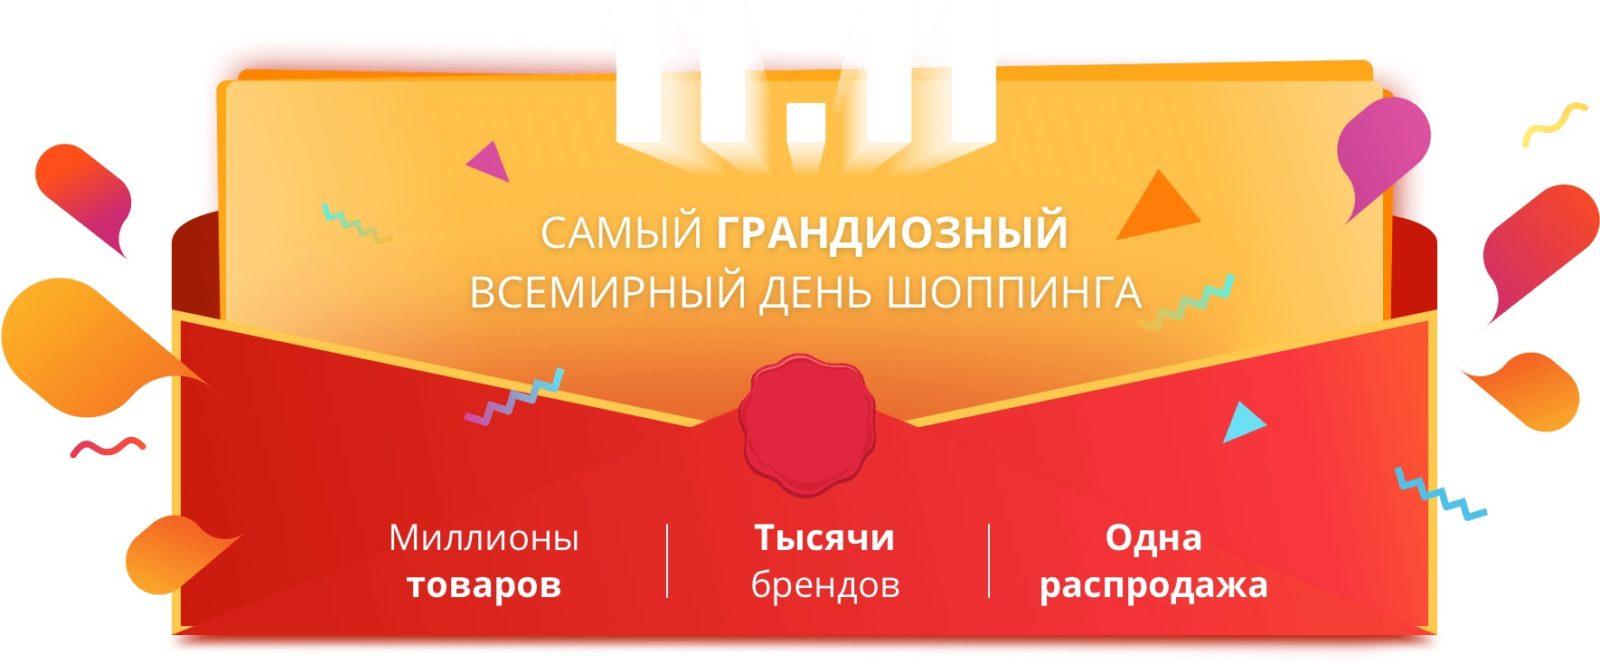 11.11 - распродажа Aliexpress Всемирный день шоппинга